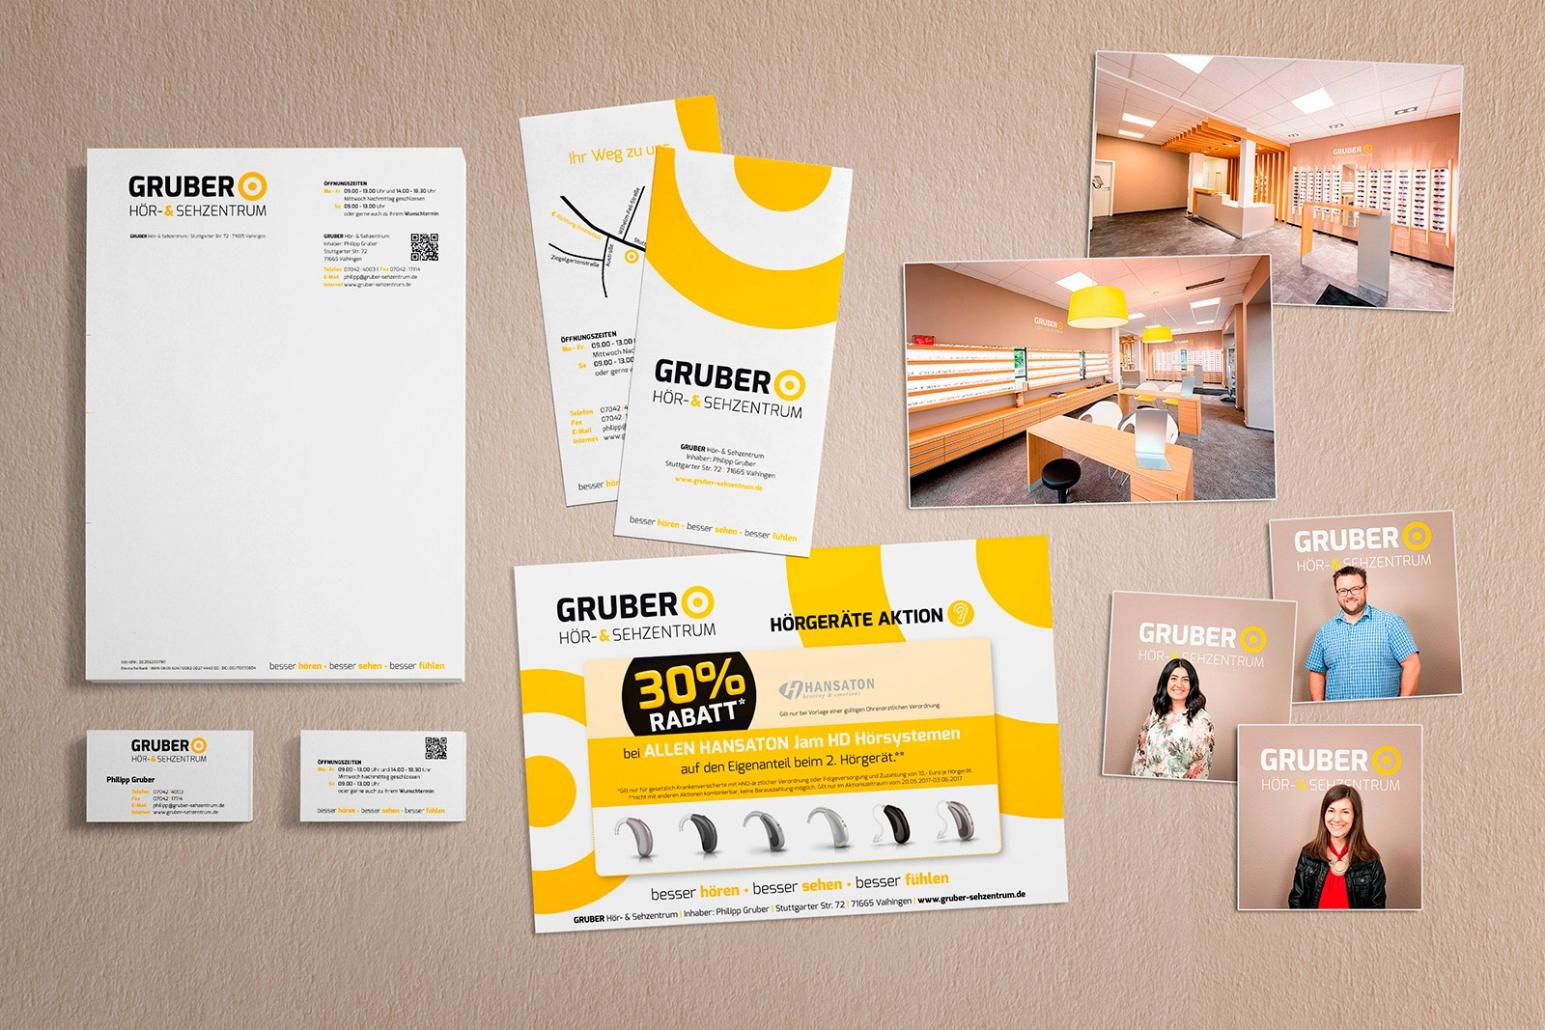 Logo, Briefpapier, Visitenkarten, Flyer für Gruber Hör- & Sehzentrum